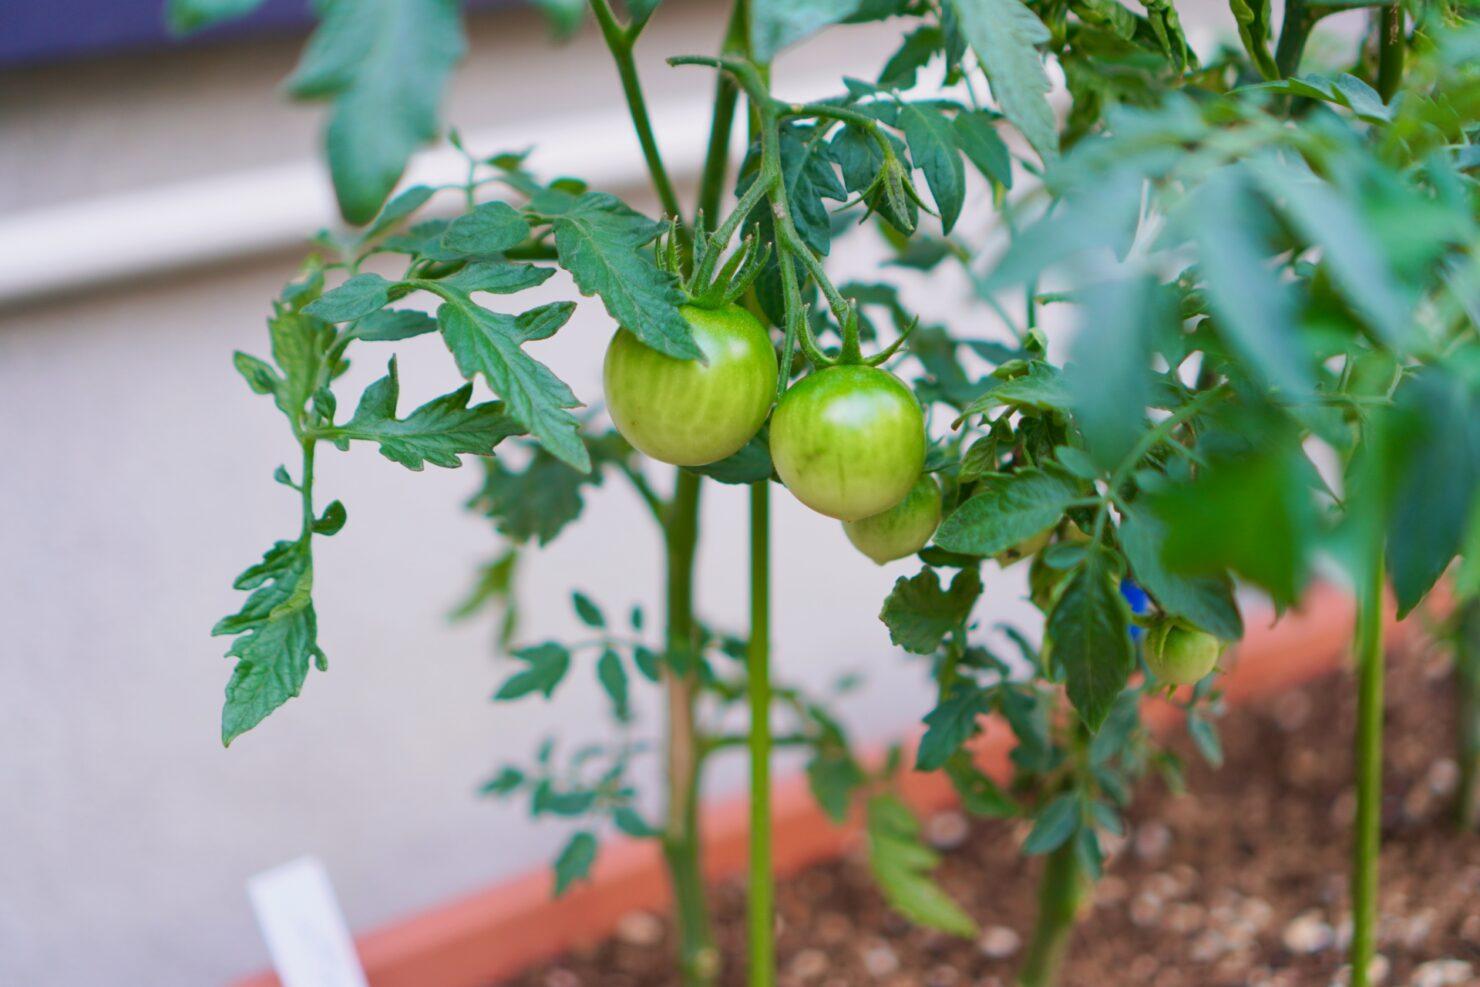 ベランダ栽培におすすめの野菜3選